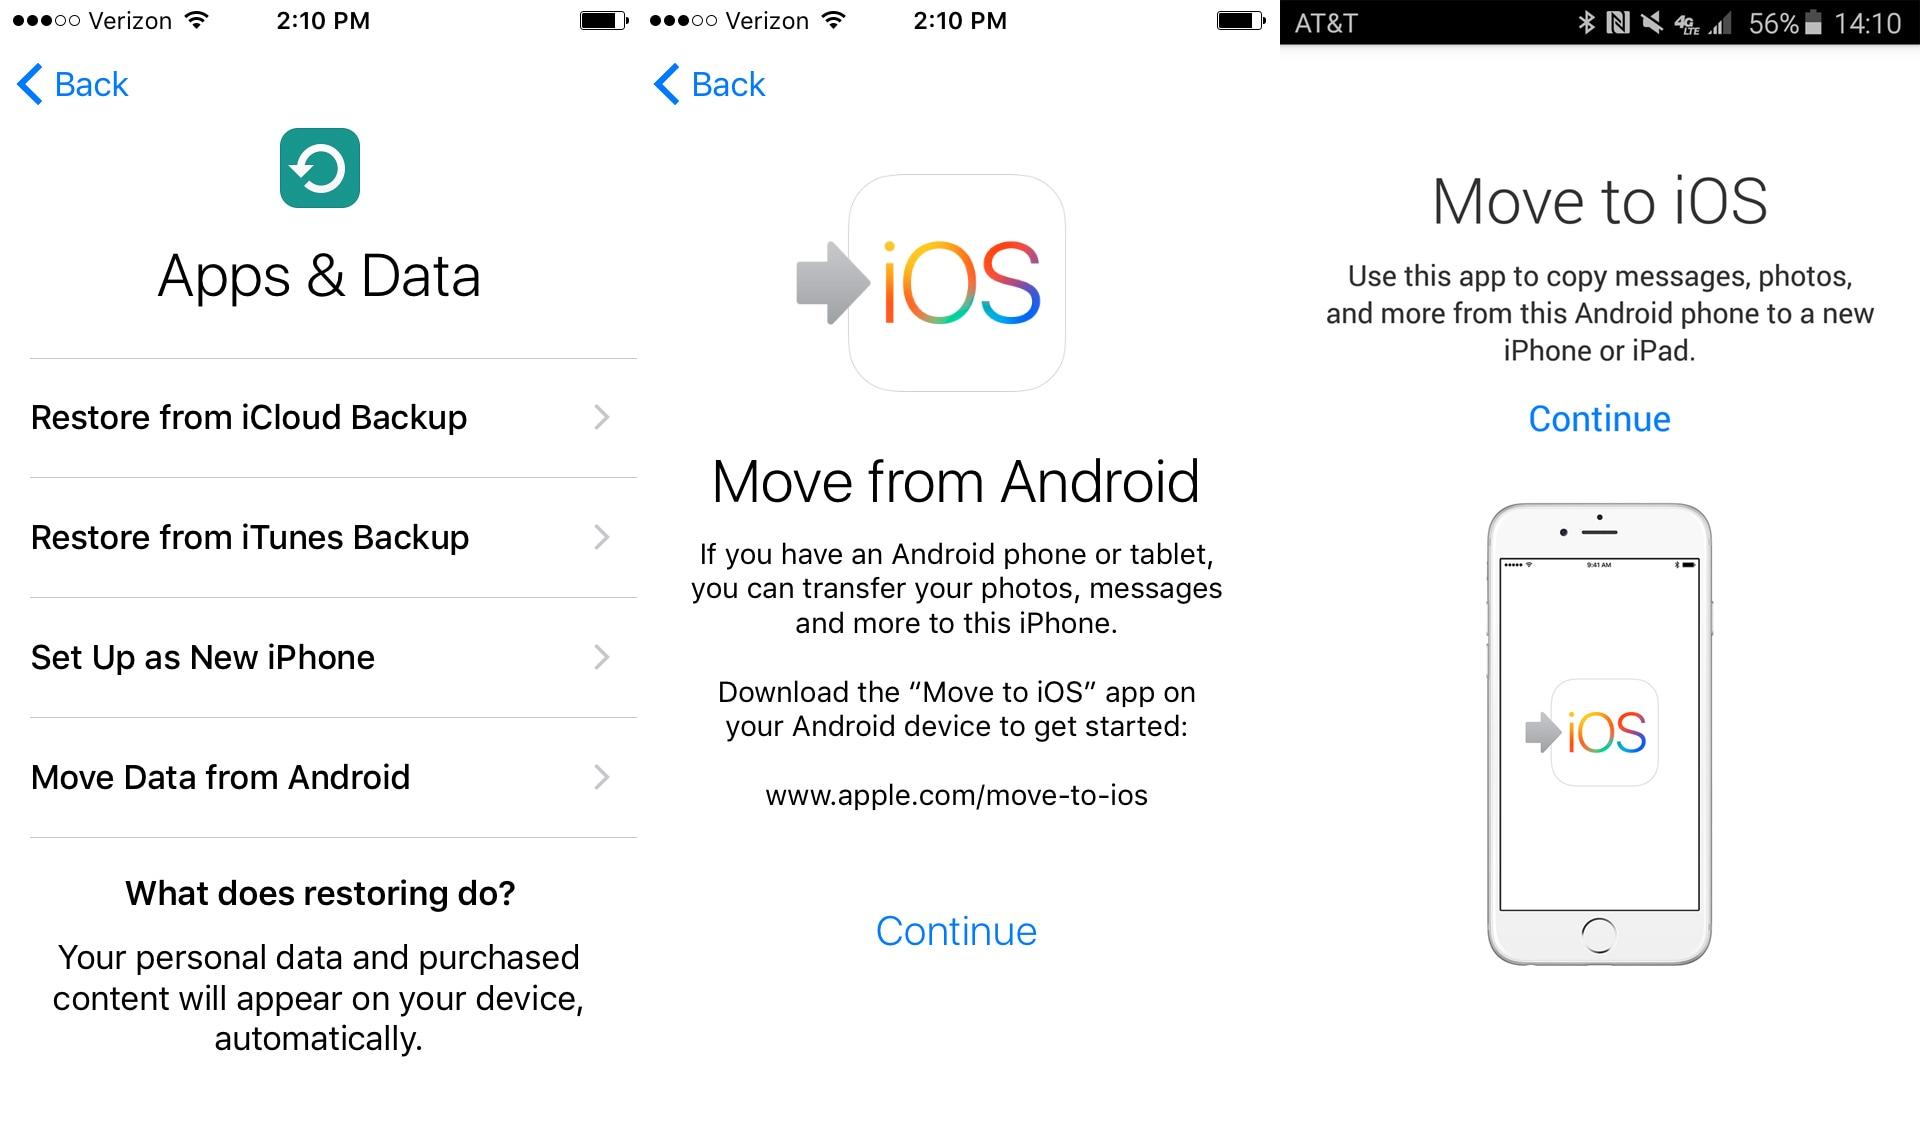 Übertragung von Samsung auf das iPhone - Daten von Android übertragen